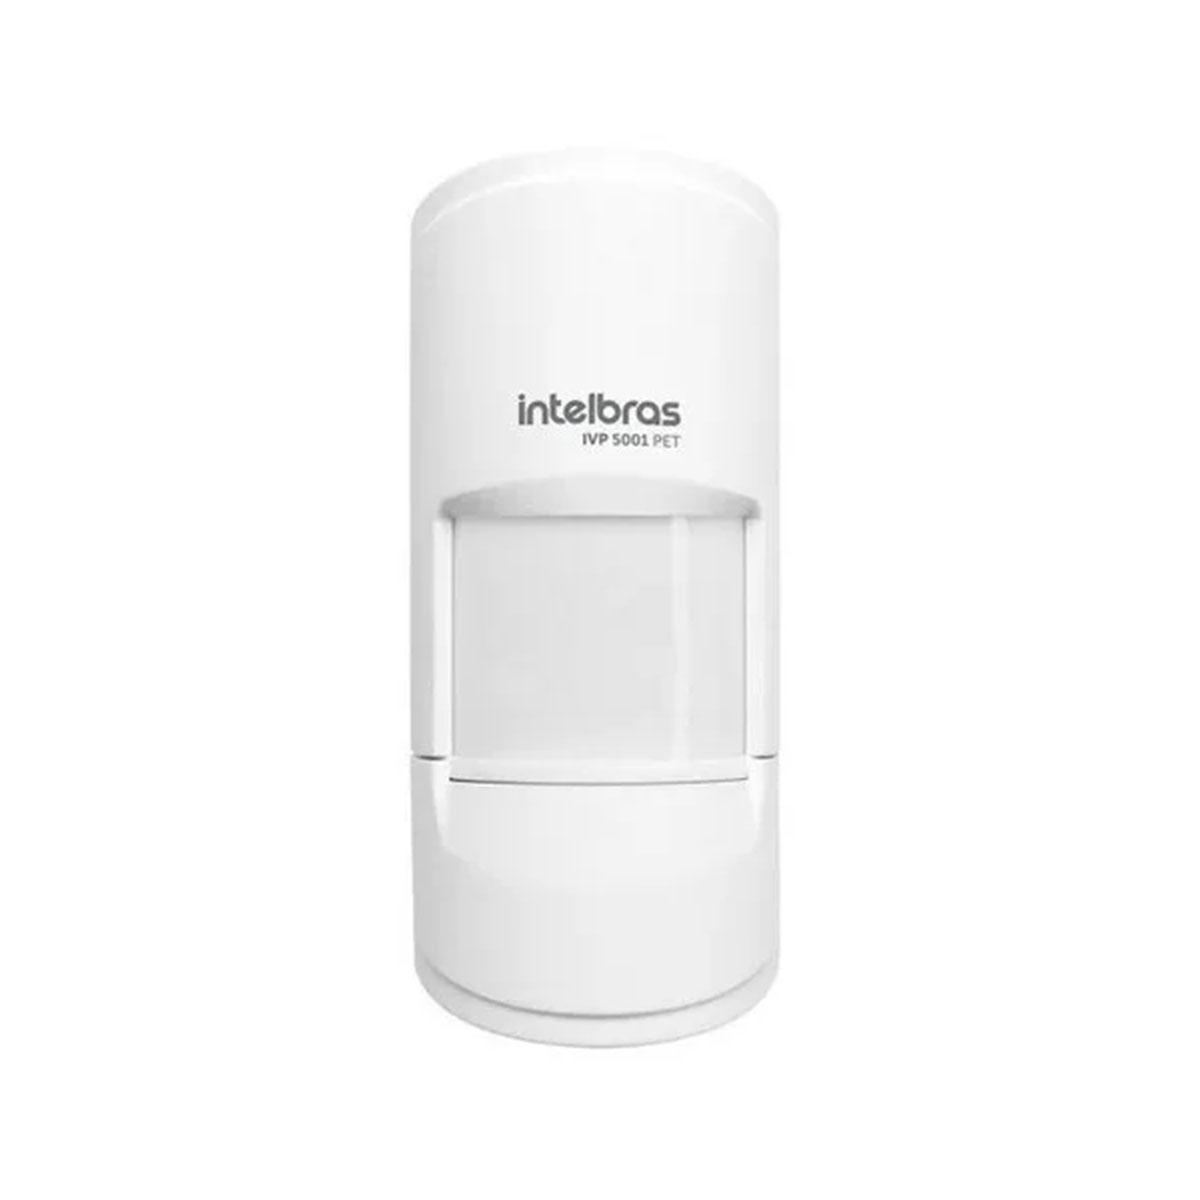 Kit 09 Sensor Intelbras Pet 20 Kg Ivp 5001 Shield